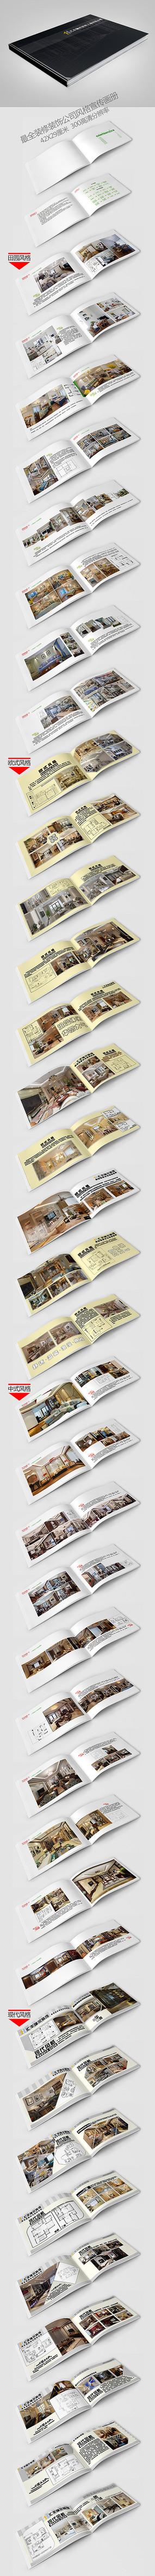 最全装饰装修公司风格案例画册